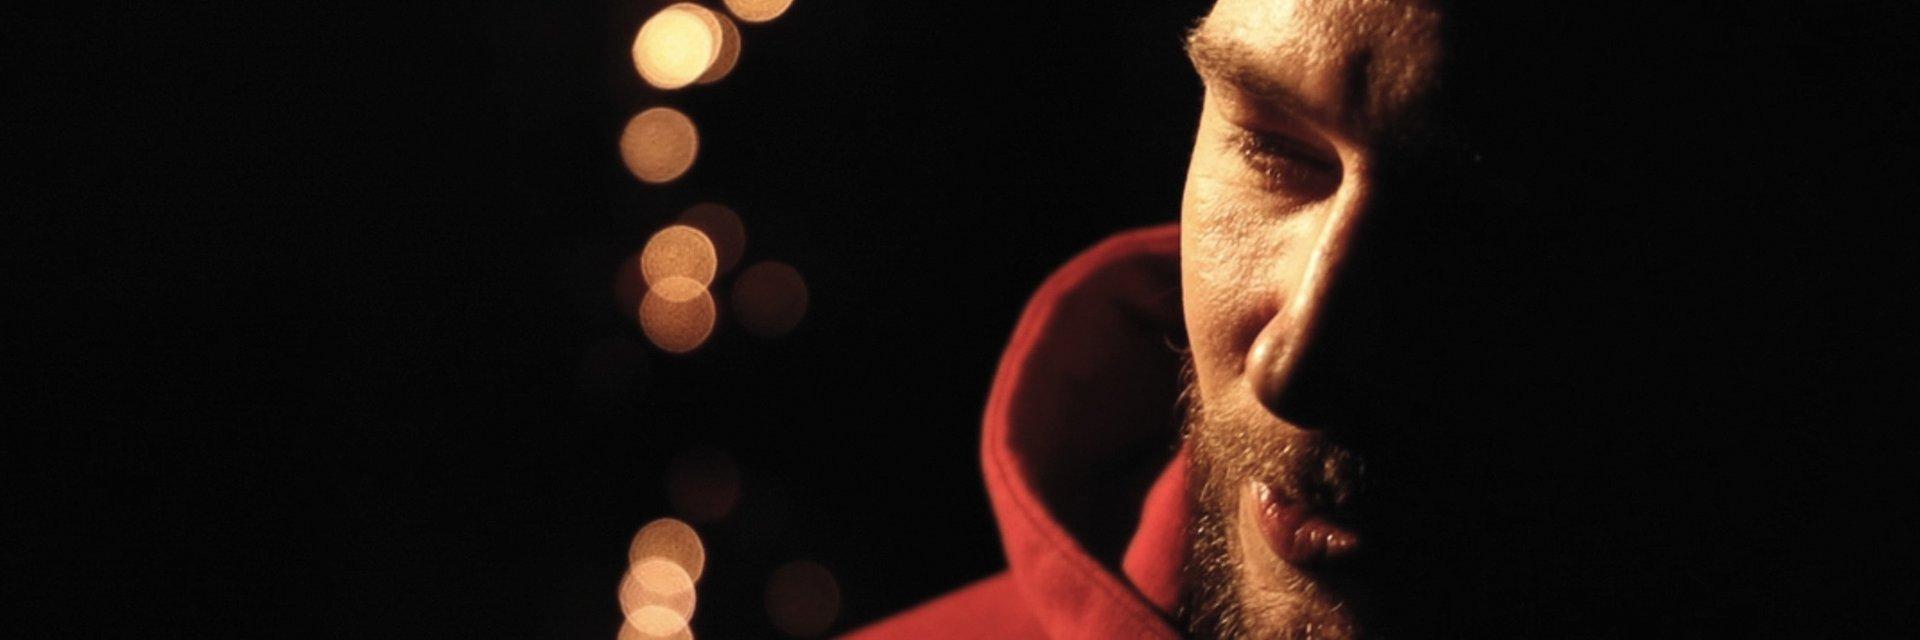 Czy Def Jam Recrodings Poland to jeszcze wytwórnia rapowa?